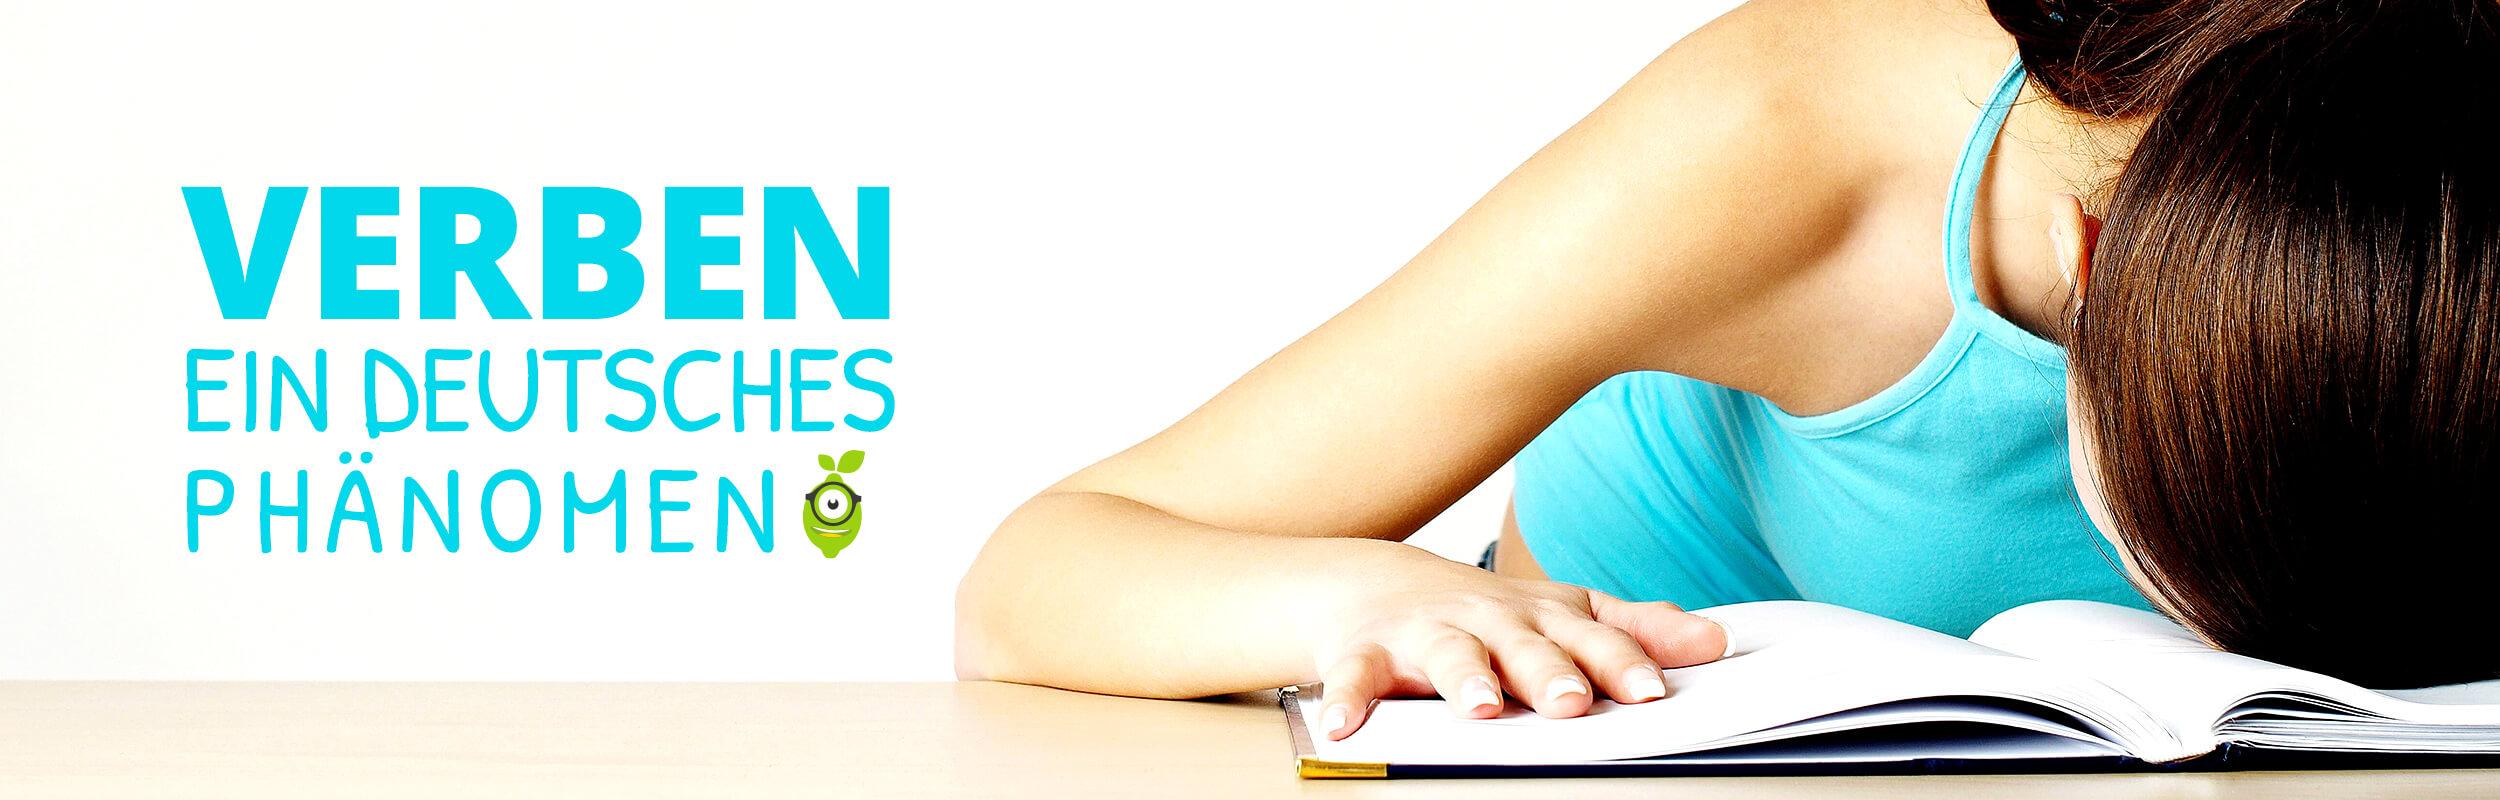 Studentin beim lernen der Satzglieder